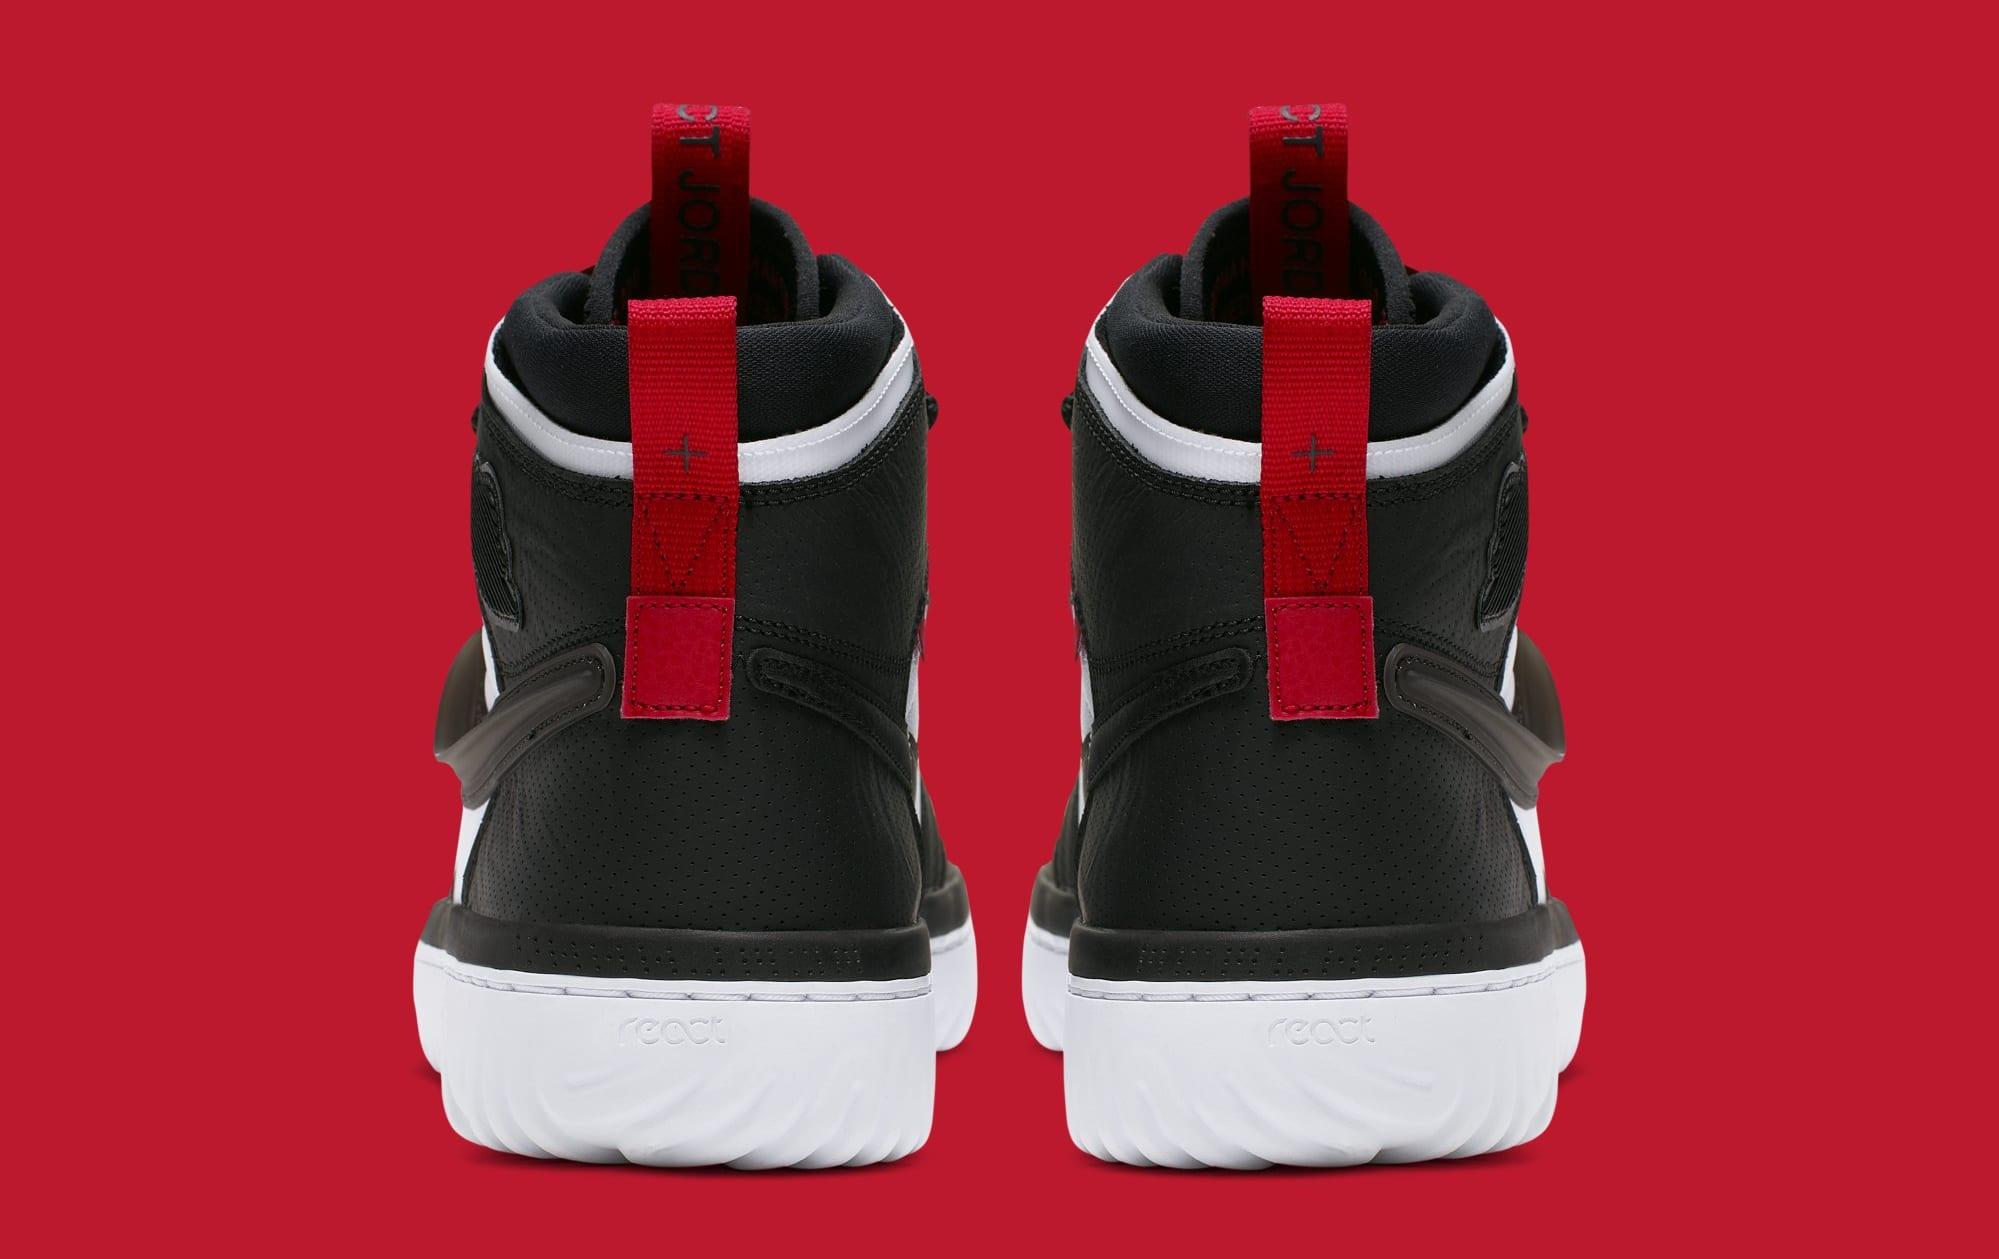 Air Jordan 1 Retro High React AR5321-016 (Heel)